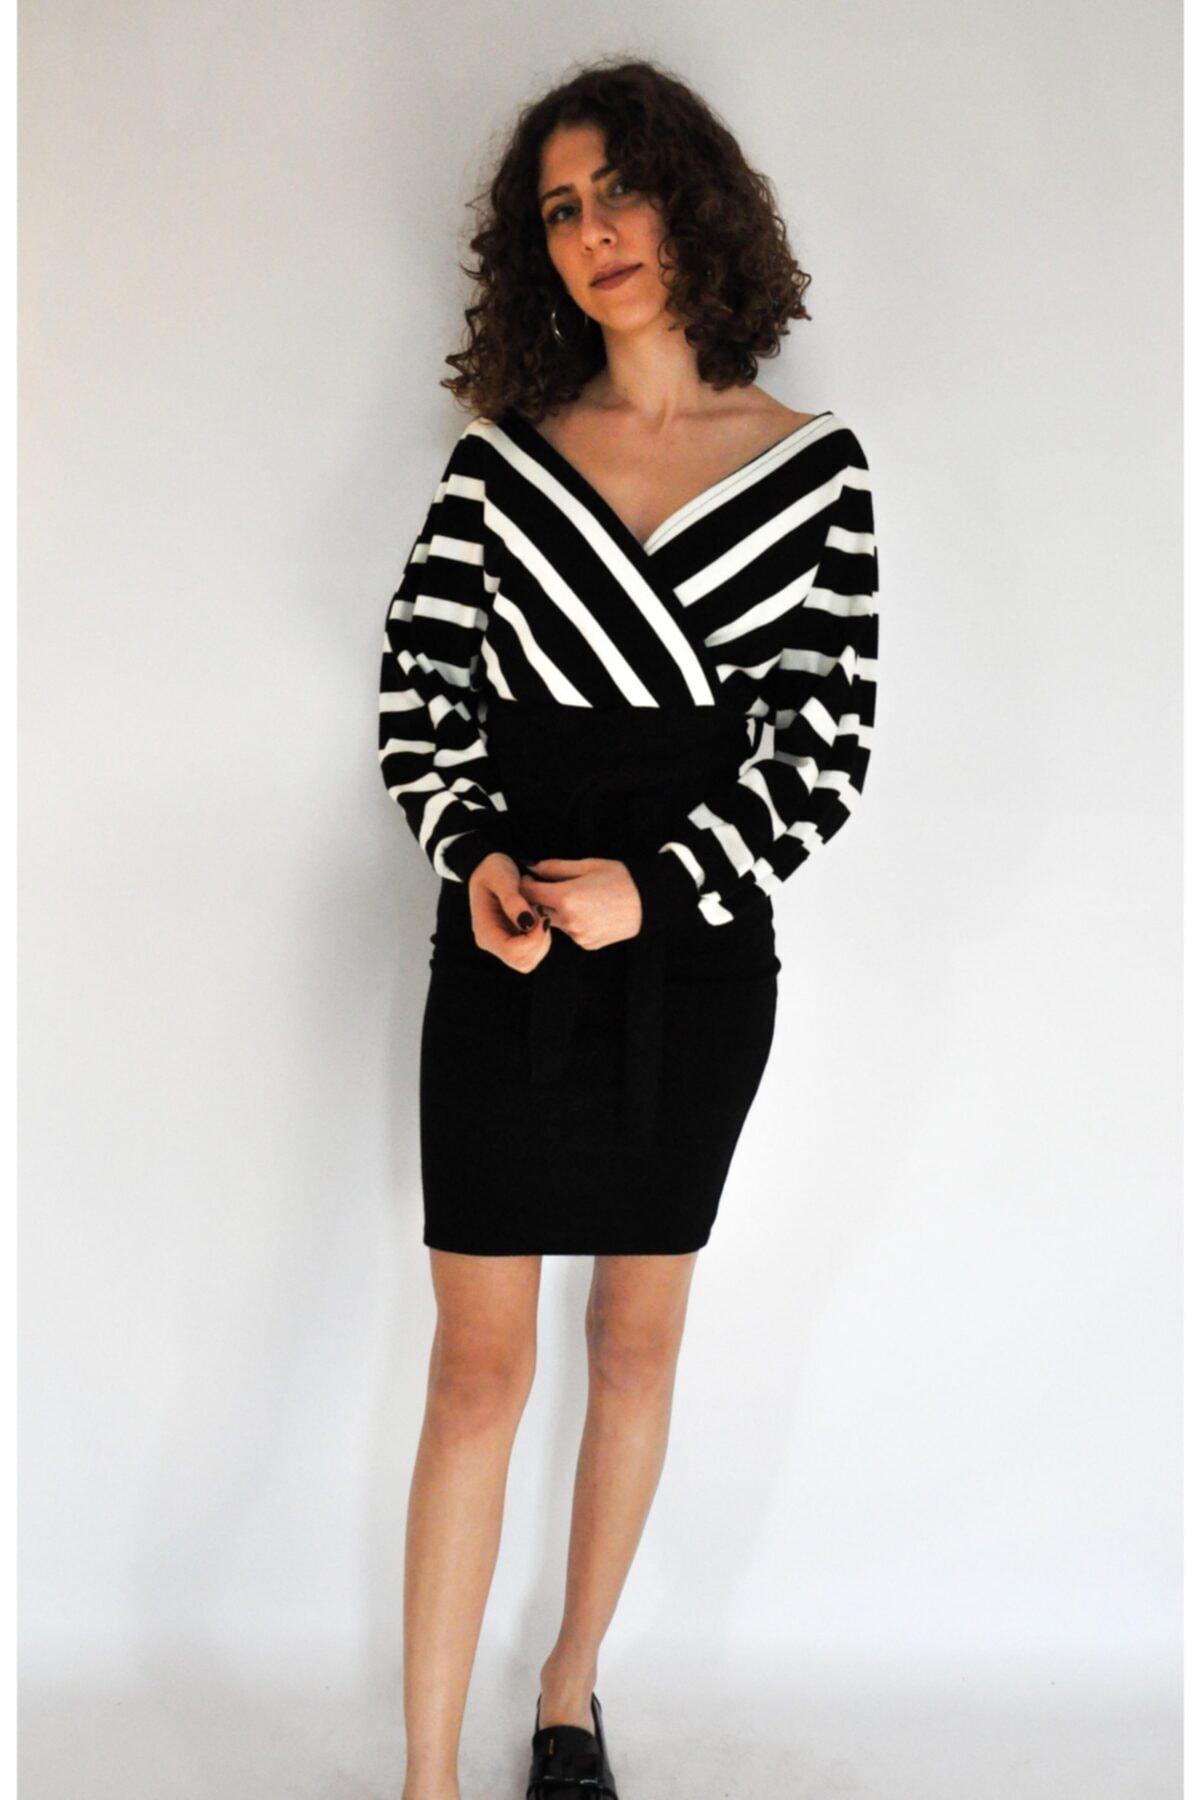 Thrill Kadın Siyah Etek Kısmı Yaka Çizgili Triko Elbise 1